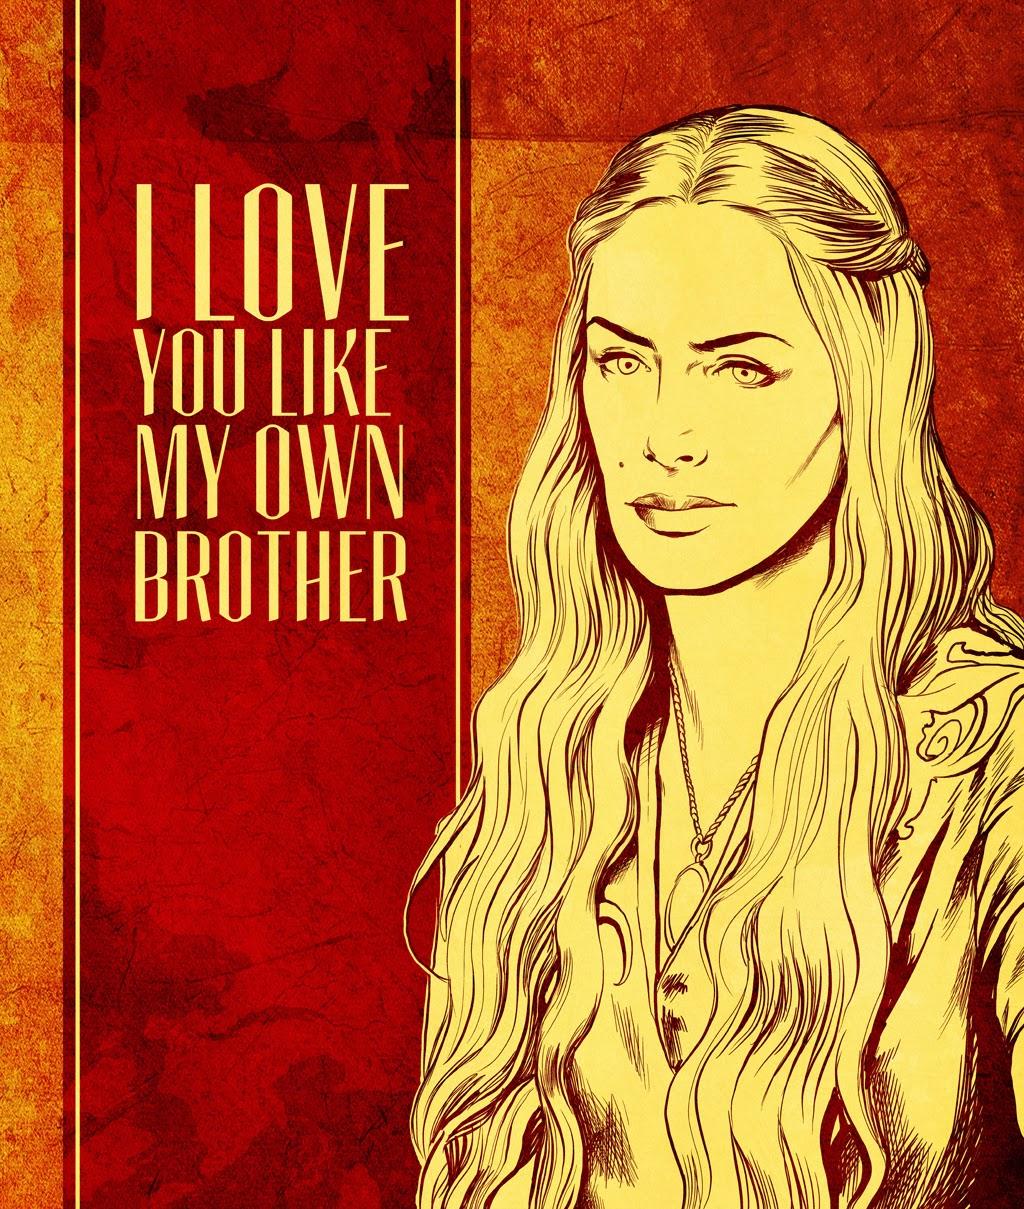 EBL: Game of Thrones Valentine Meme Failures